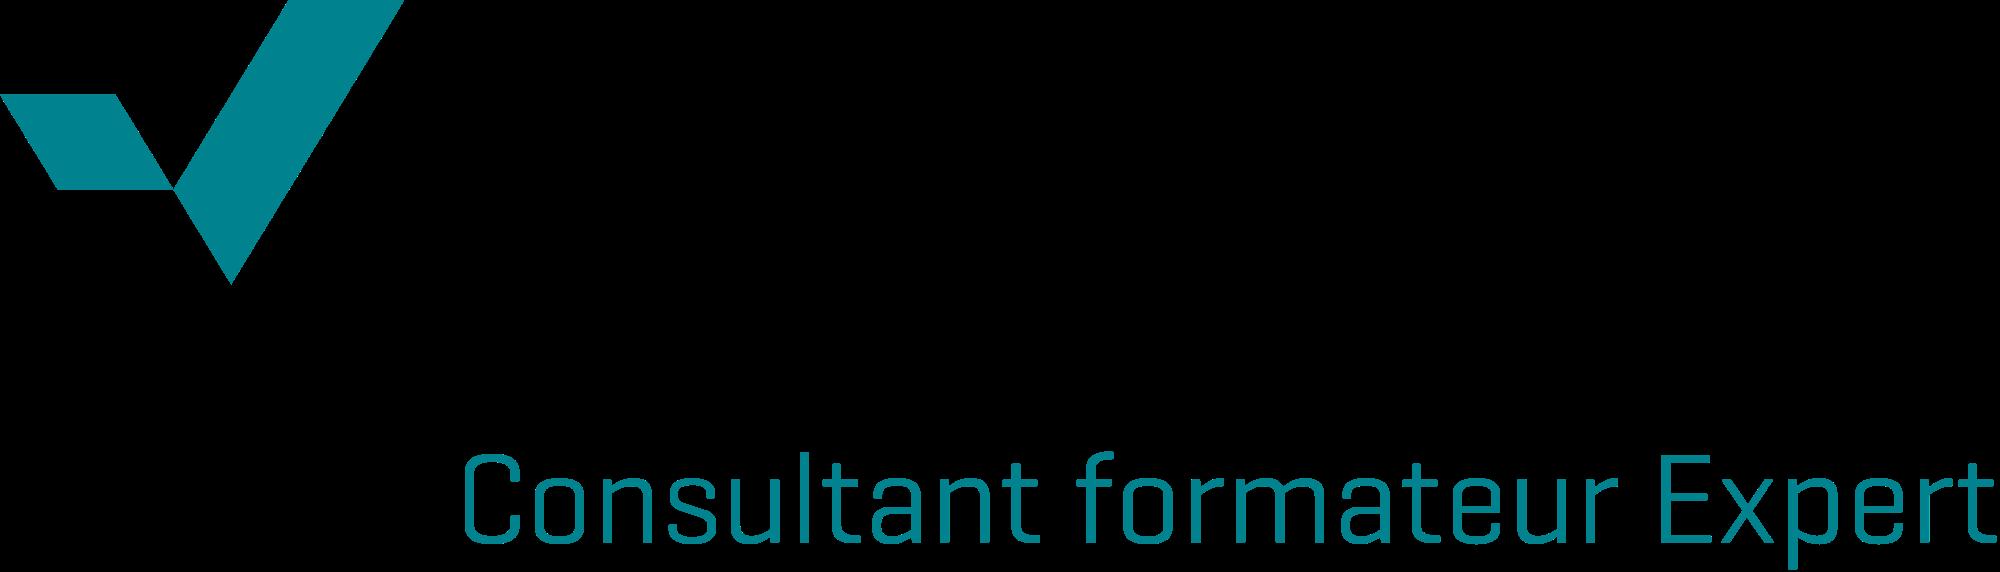 """certitié CNEFOP """"consultant formateur expert"""" par ICPF certification"""